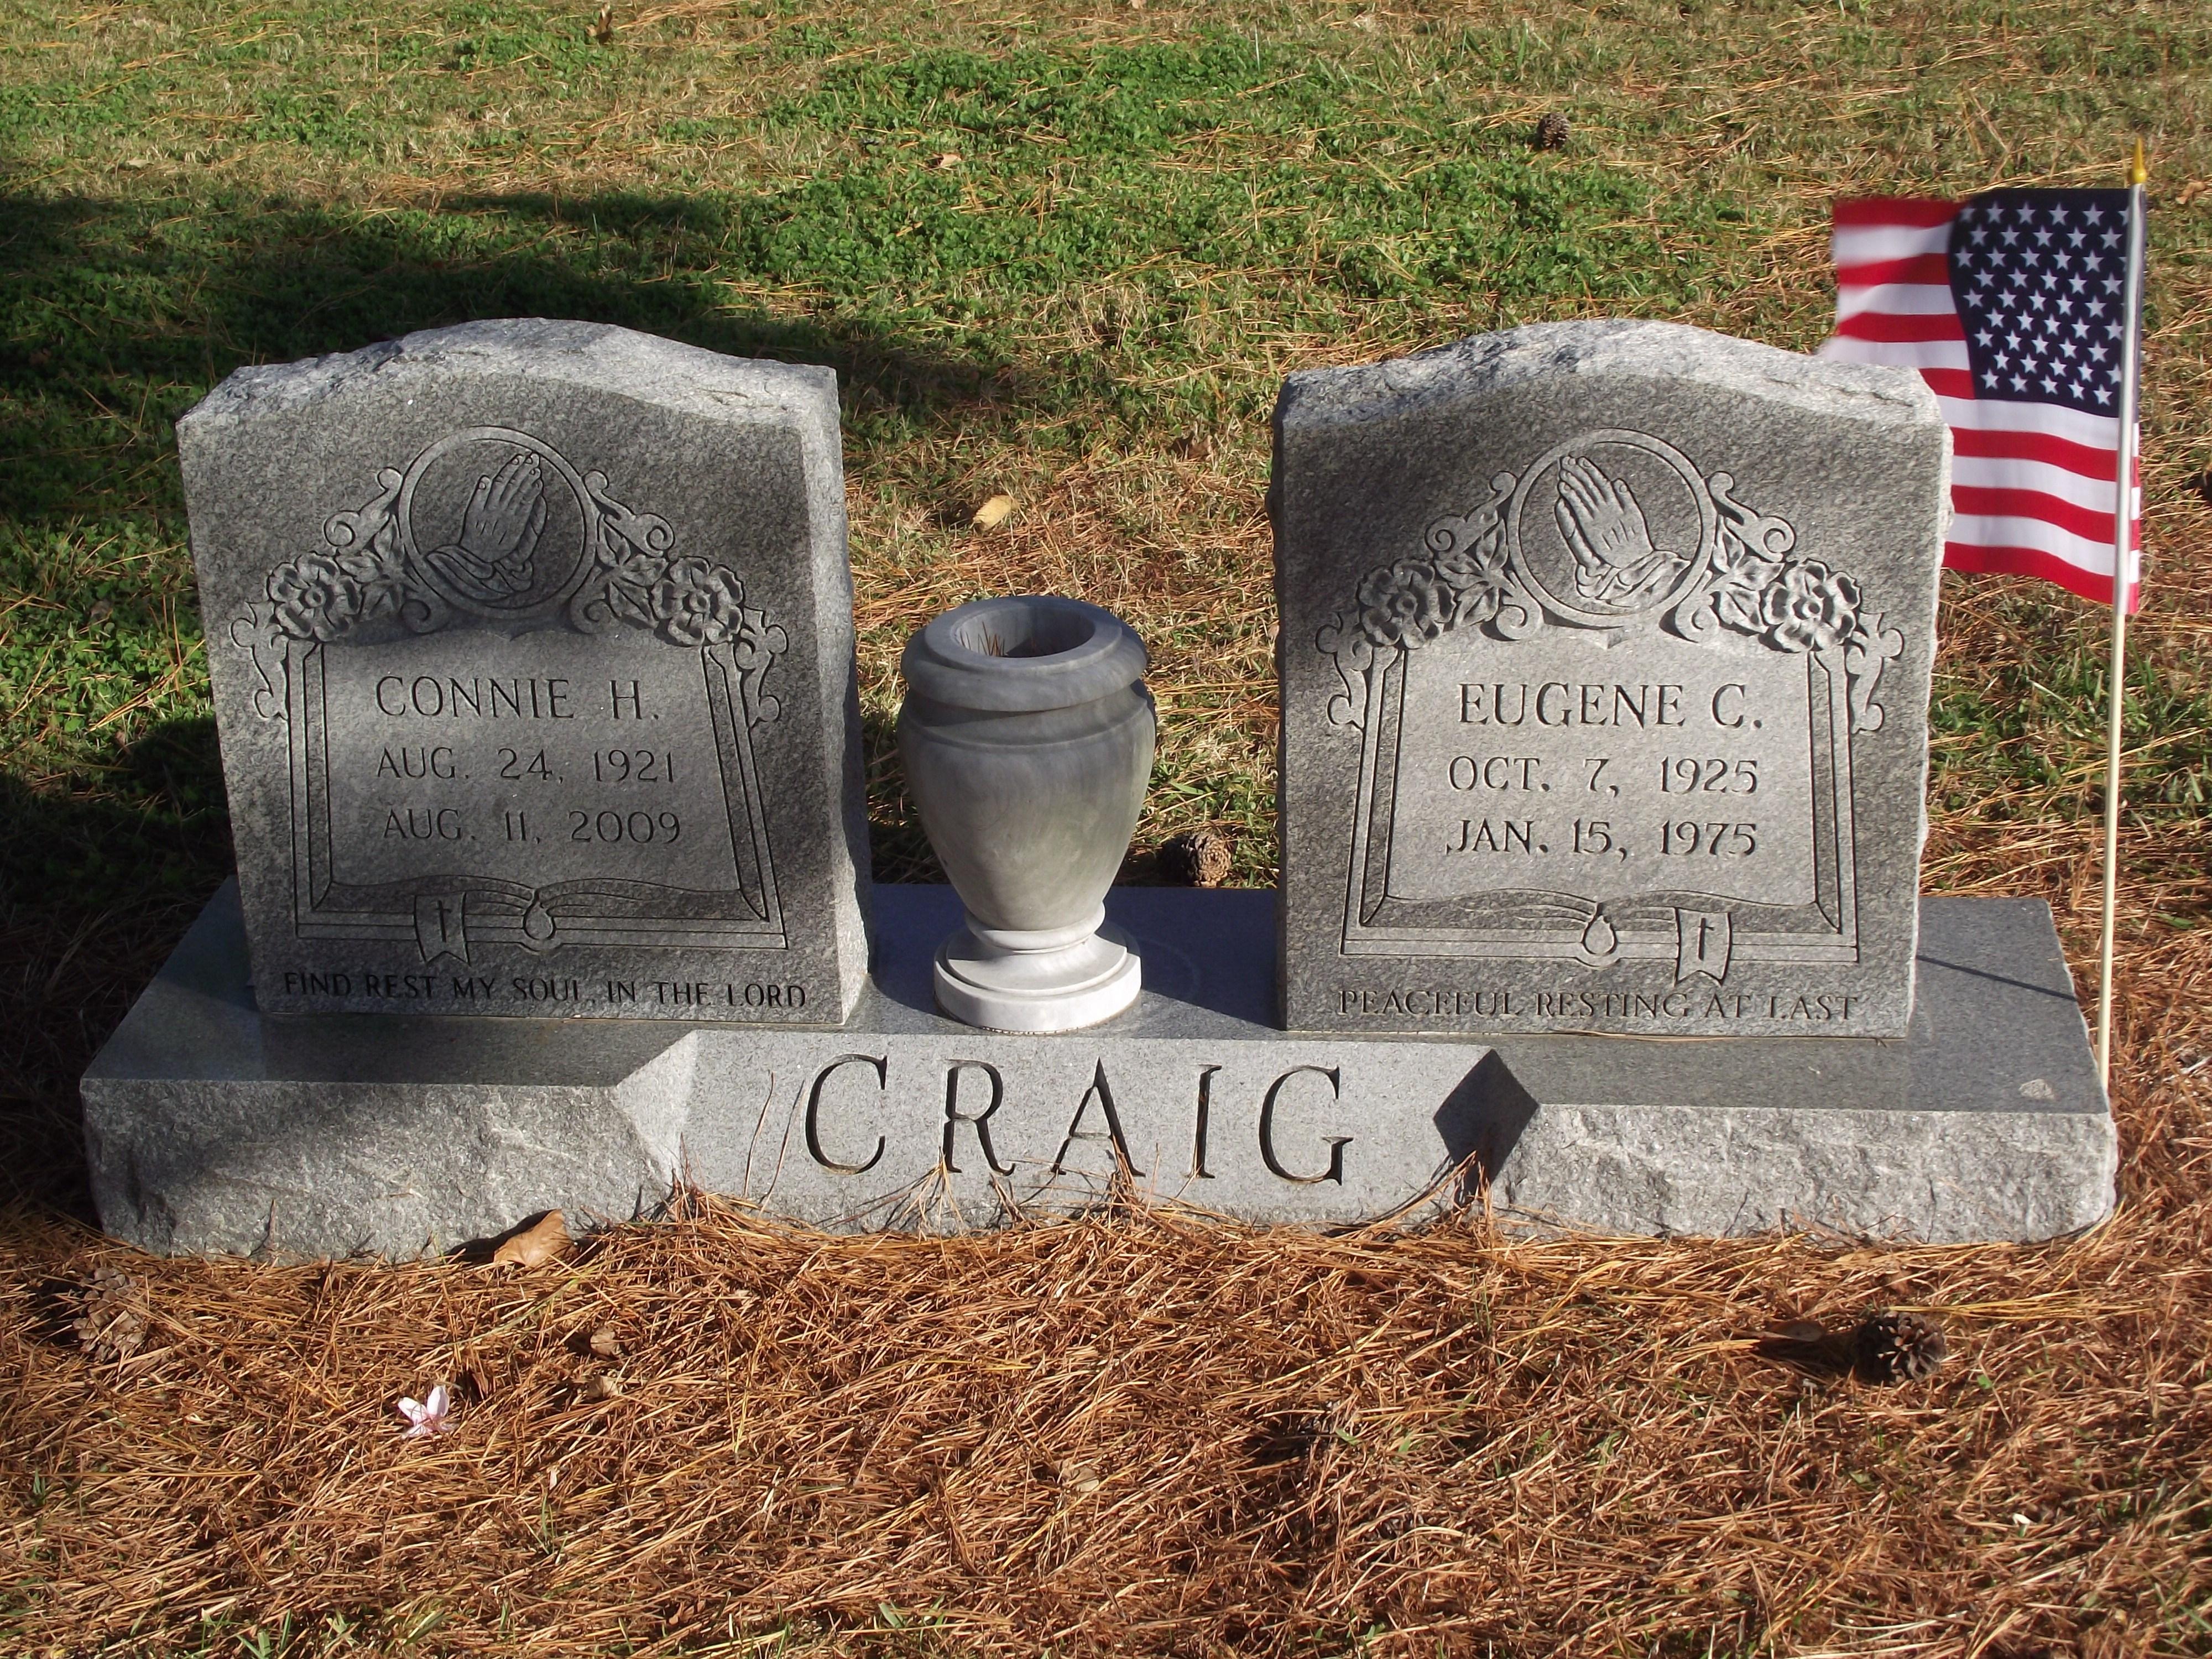 Clifford Paul Craig